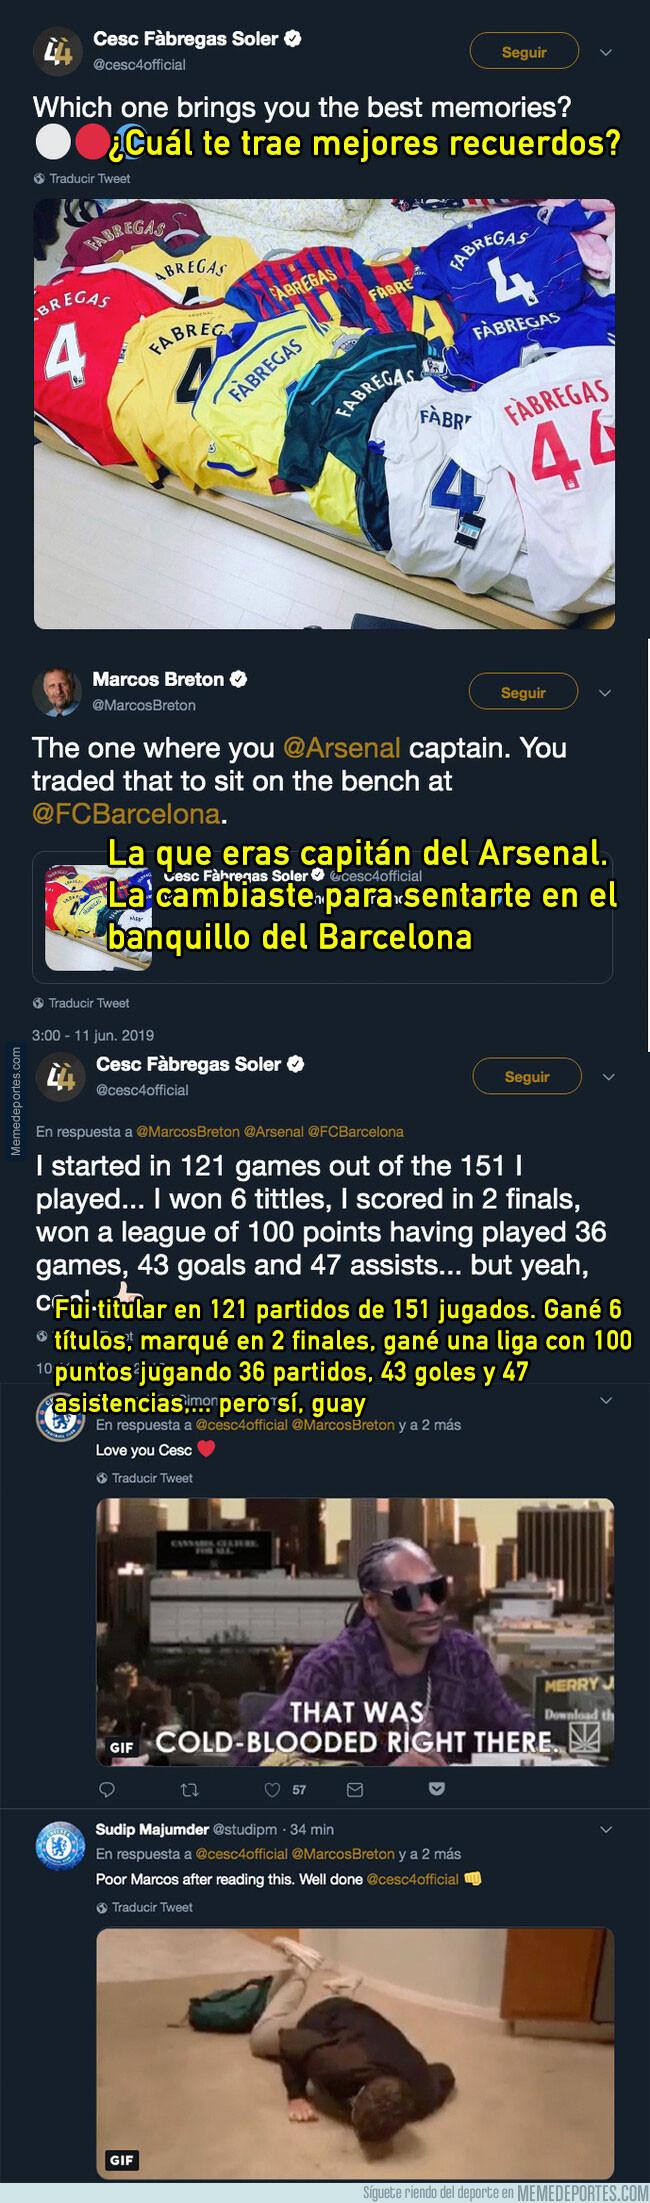 1077786 - Cesc Fábregas destroza a un periodista tras replicarle que cambió el Arsenal para estar en el banquillo del Barça